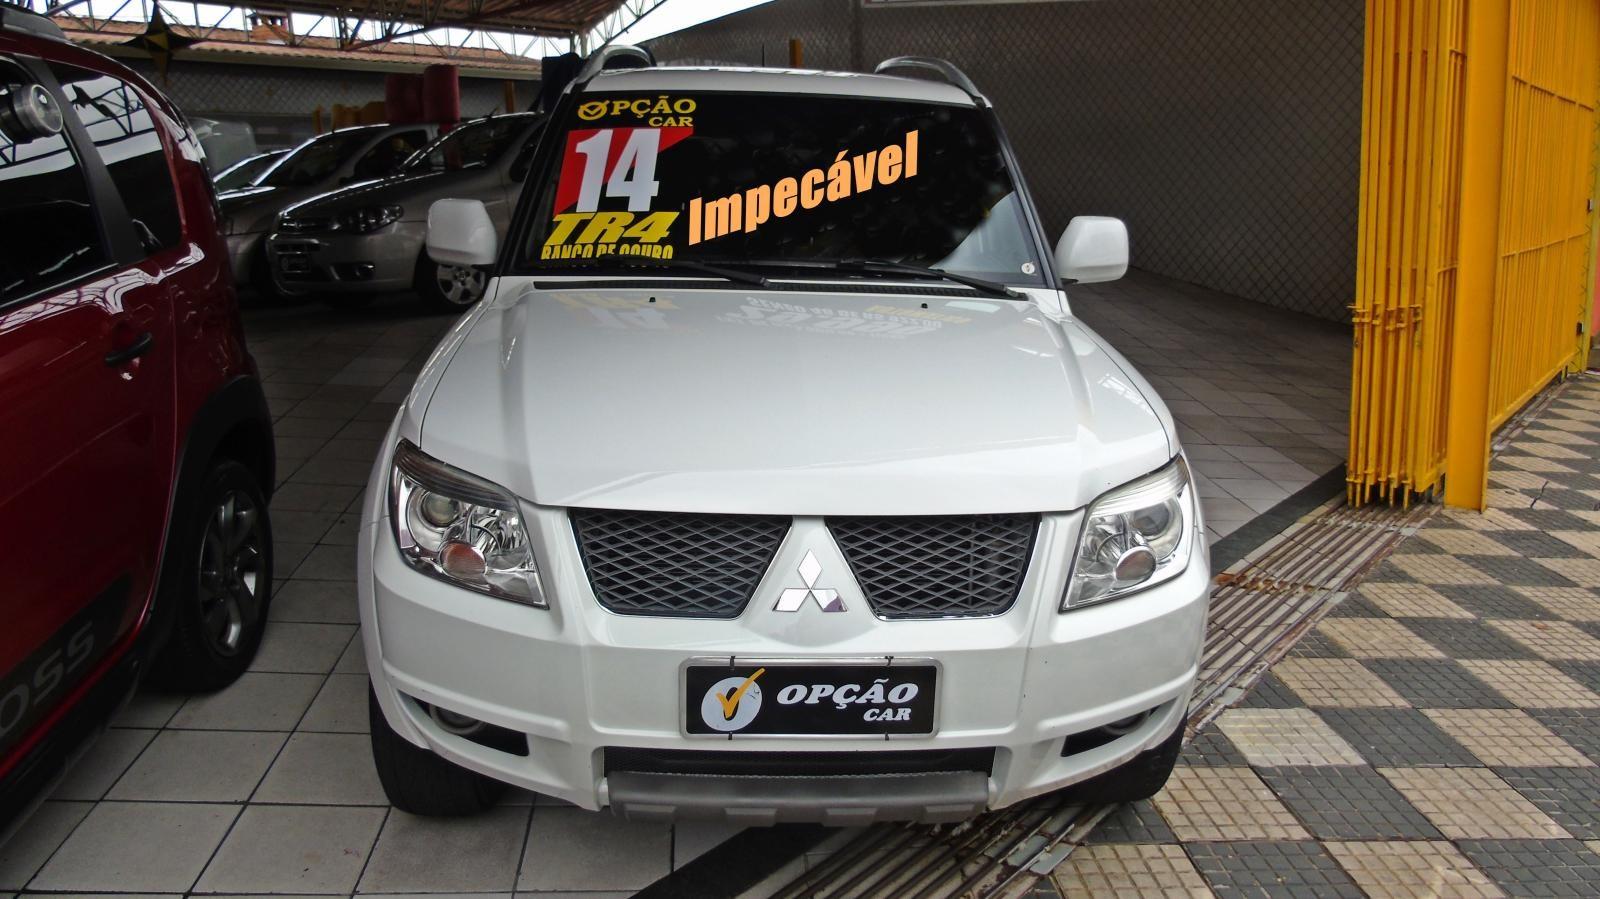 //www.autoline.com.br/carro/mitsubishi/pajero-tr4-20-16v-flex-4p-automatico/2014/sao-paulo-sp/12748232